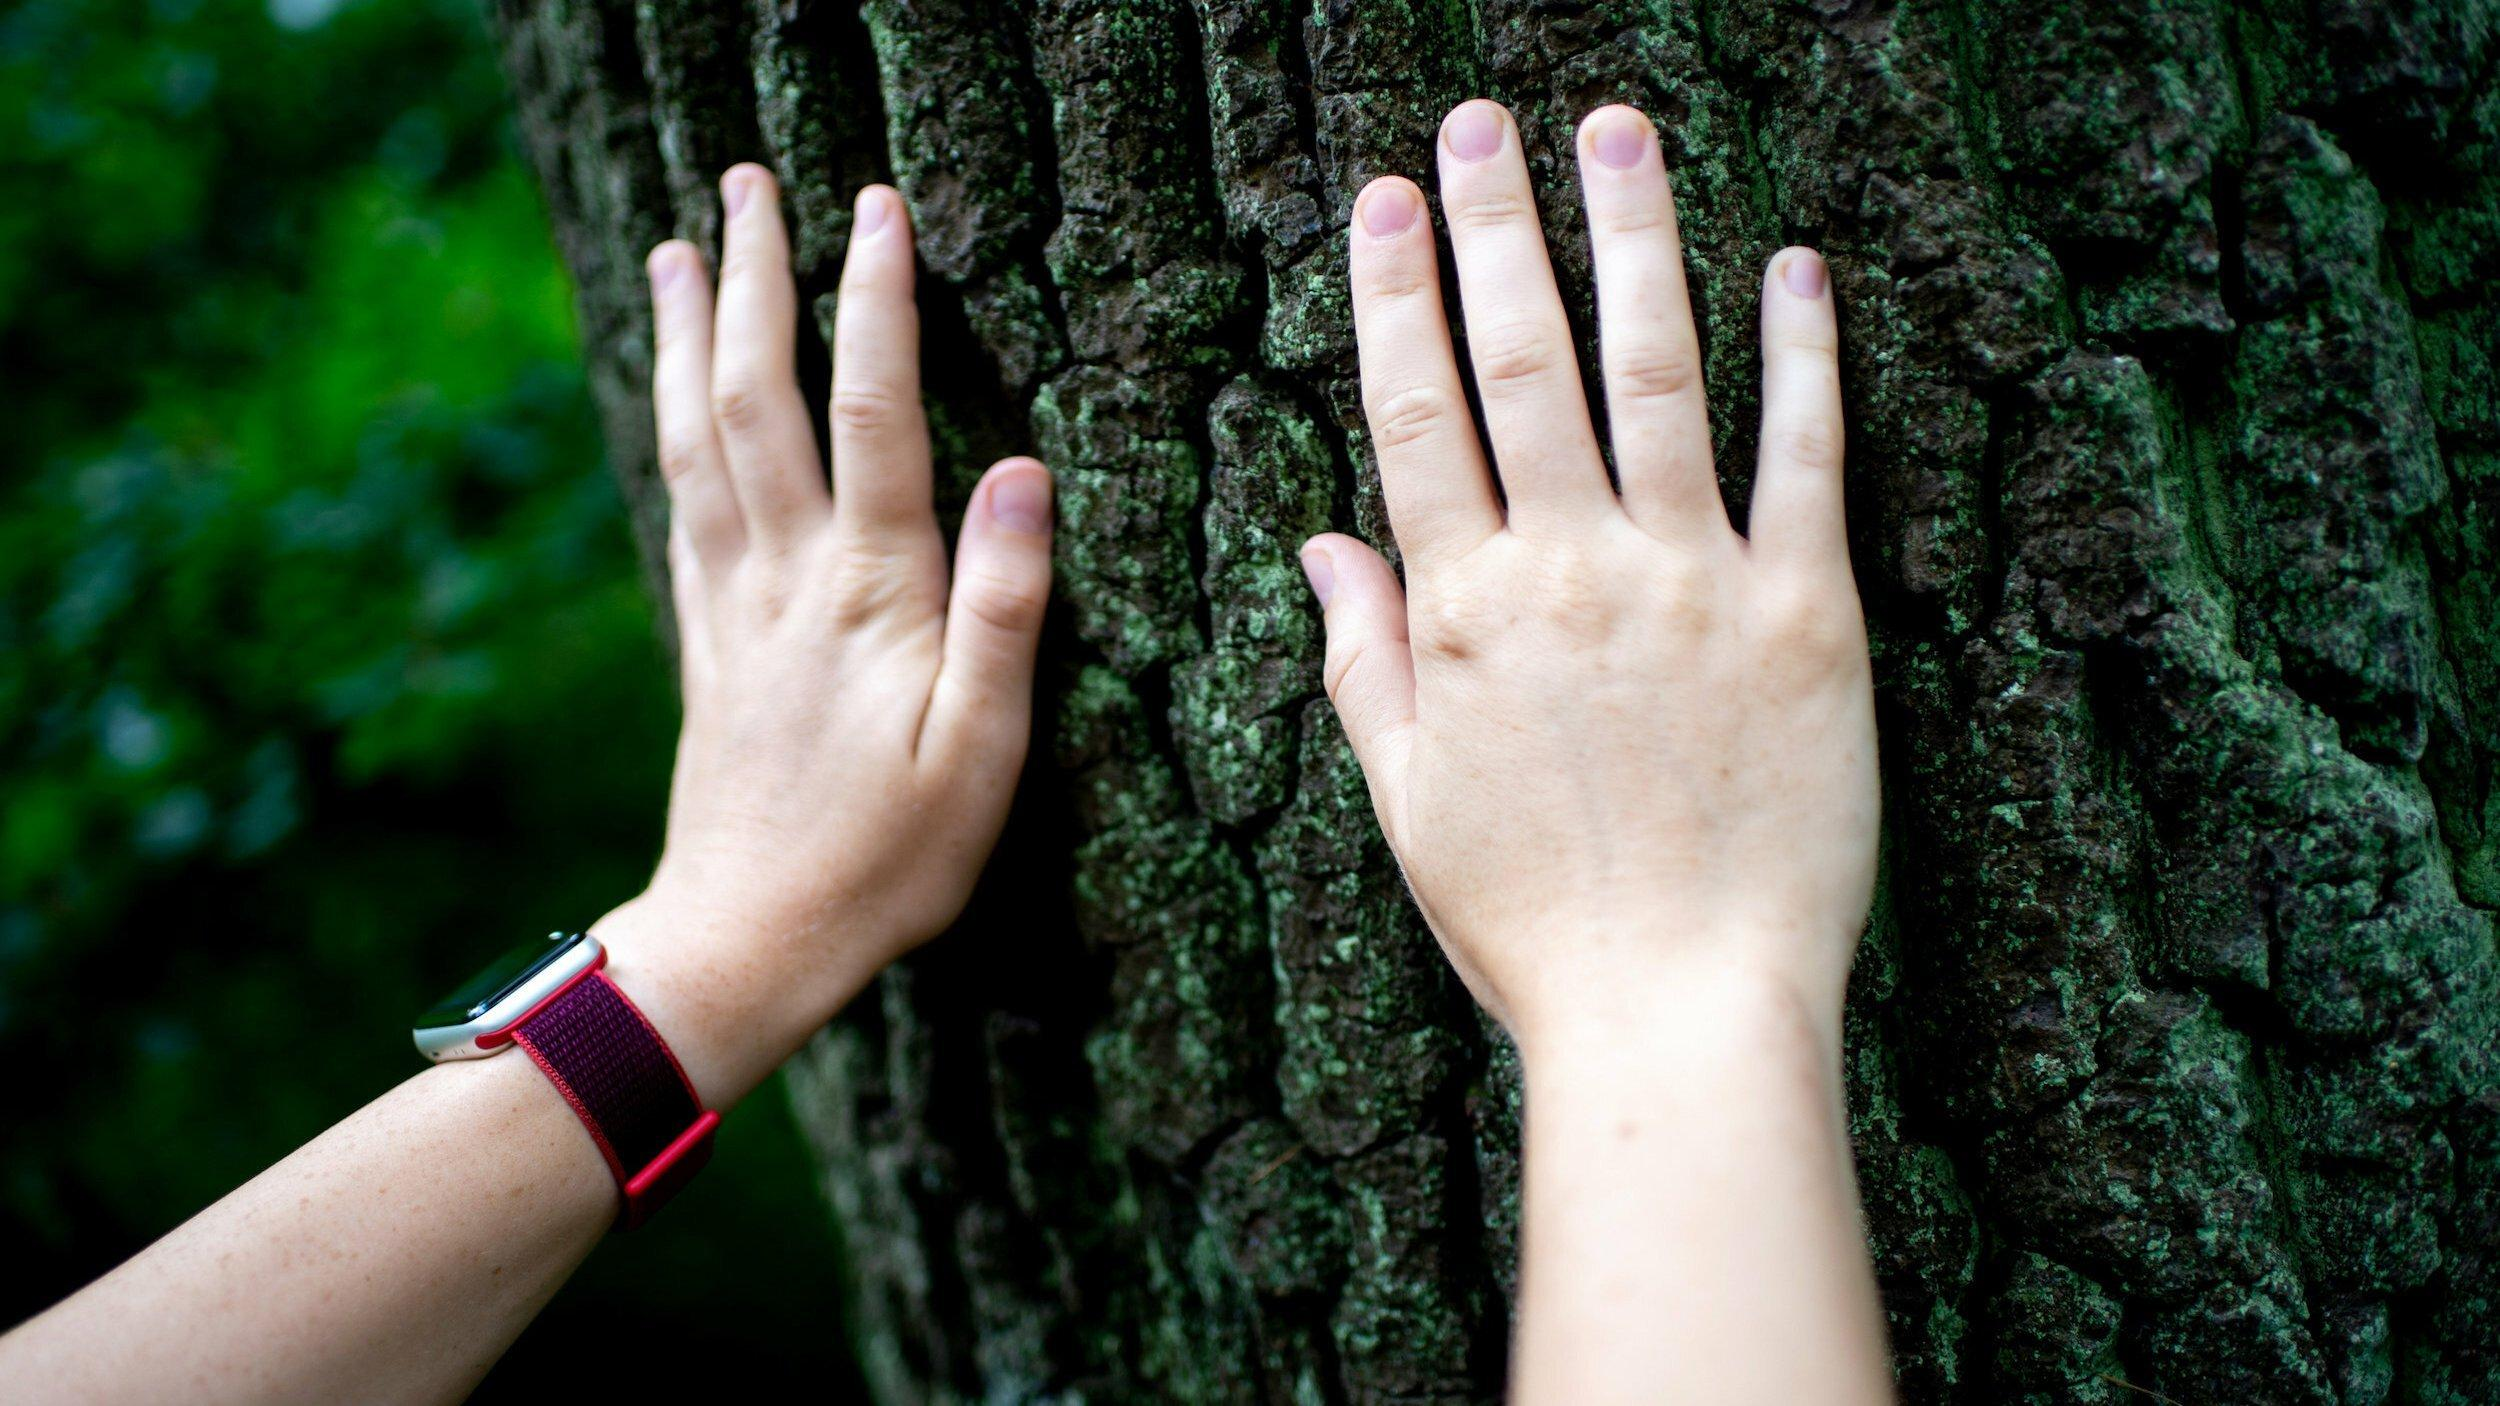 Eine junge Frau erfühlt die Rinde eines Baumes mit ihren Händen.